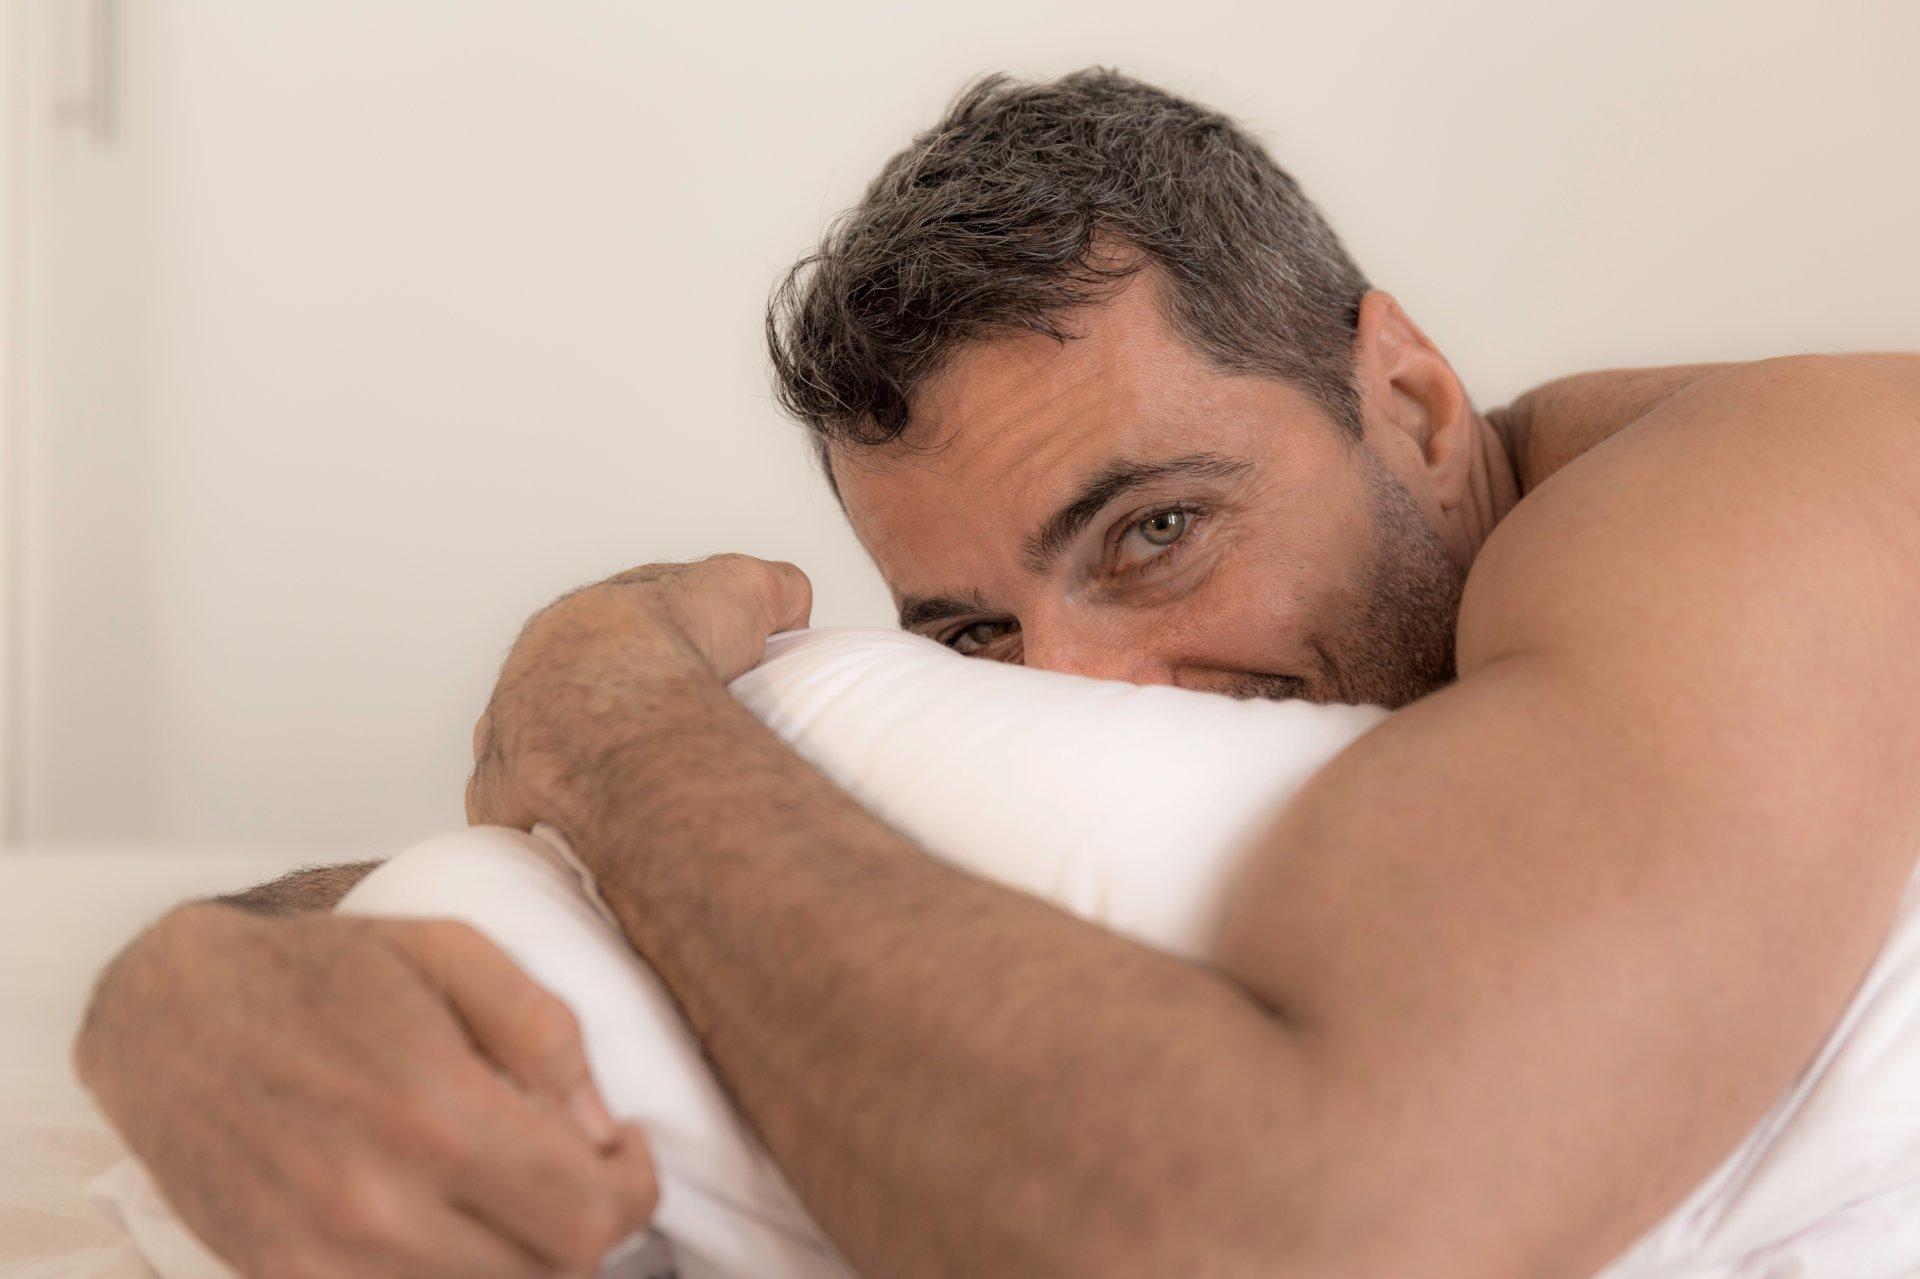 erekcija nuolat dingsta metodika padidejo narys